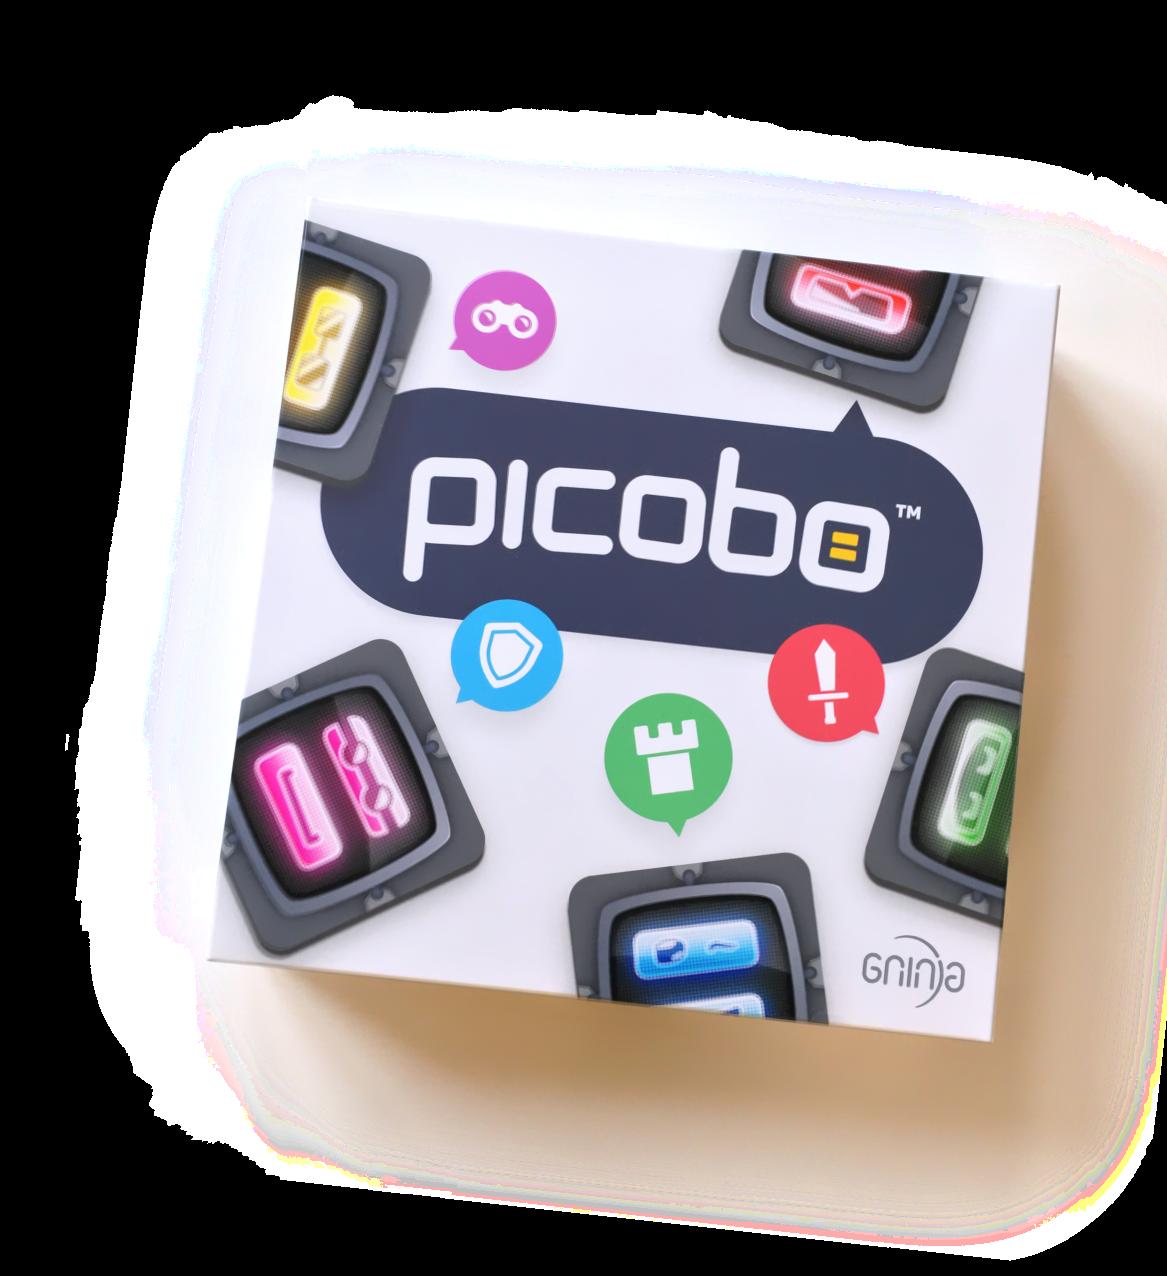 Boite jeu de société PIcobo